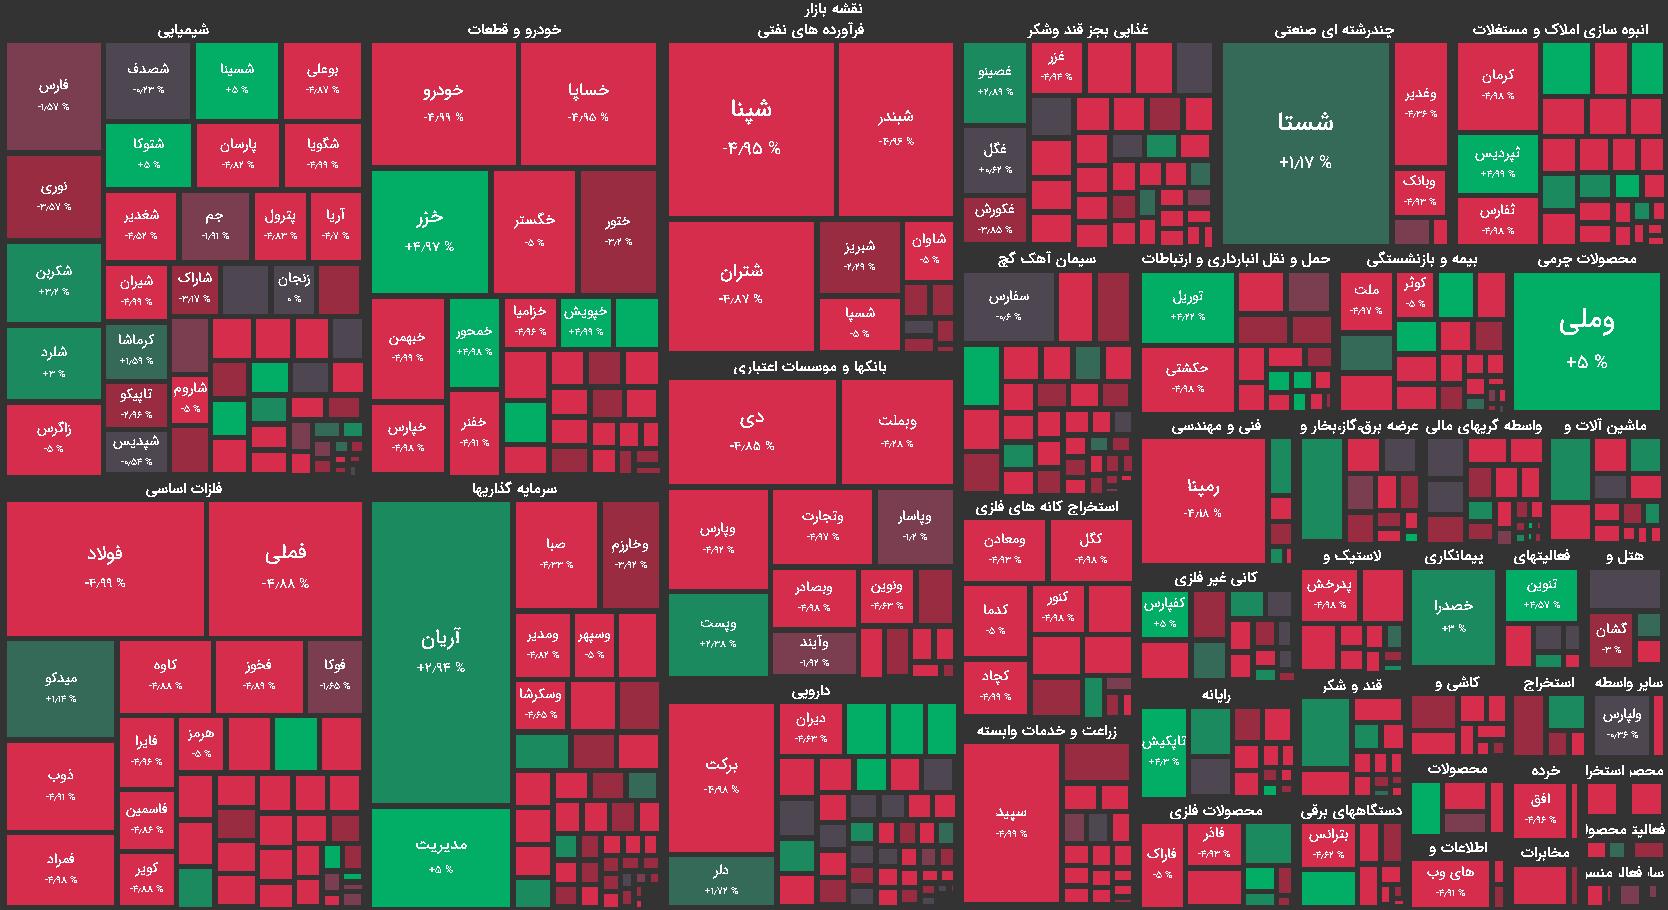 نقشه بازار بورس امروز - شنبه 27 شهریور